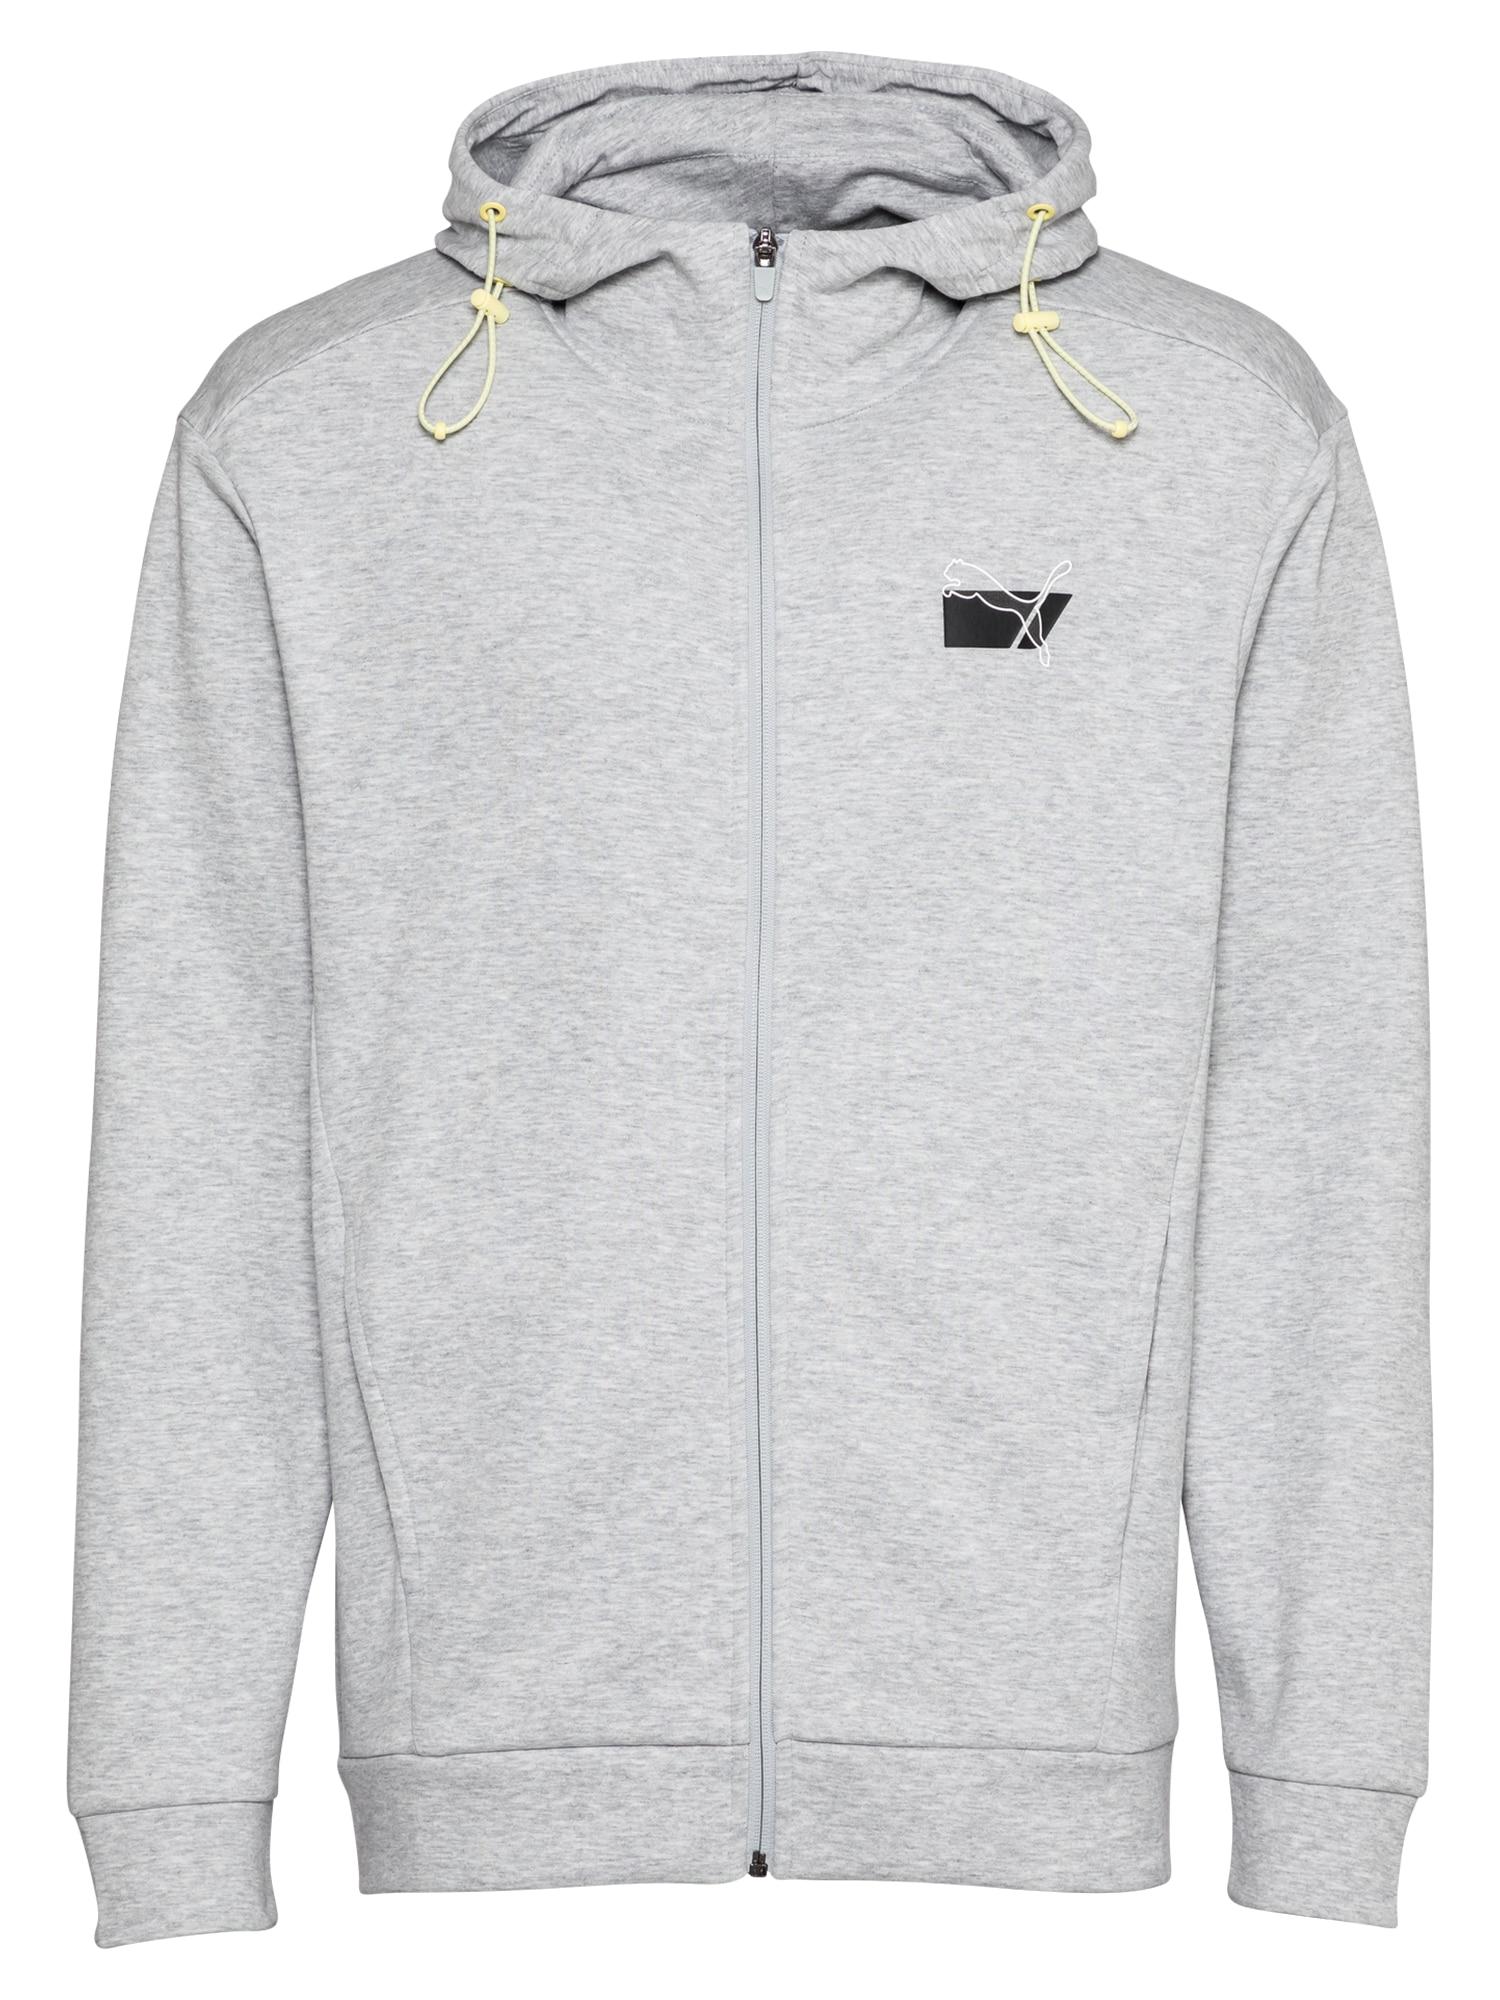 PUMA Sportinis džemperis margai pilka / juoda / balta